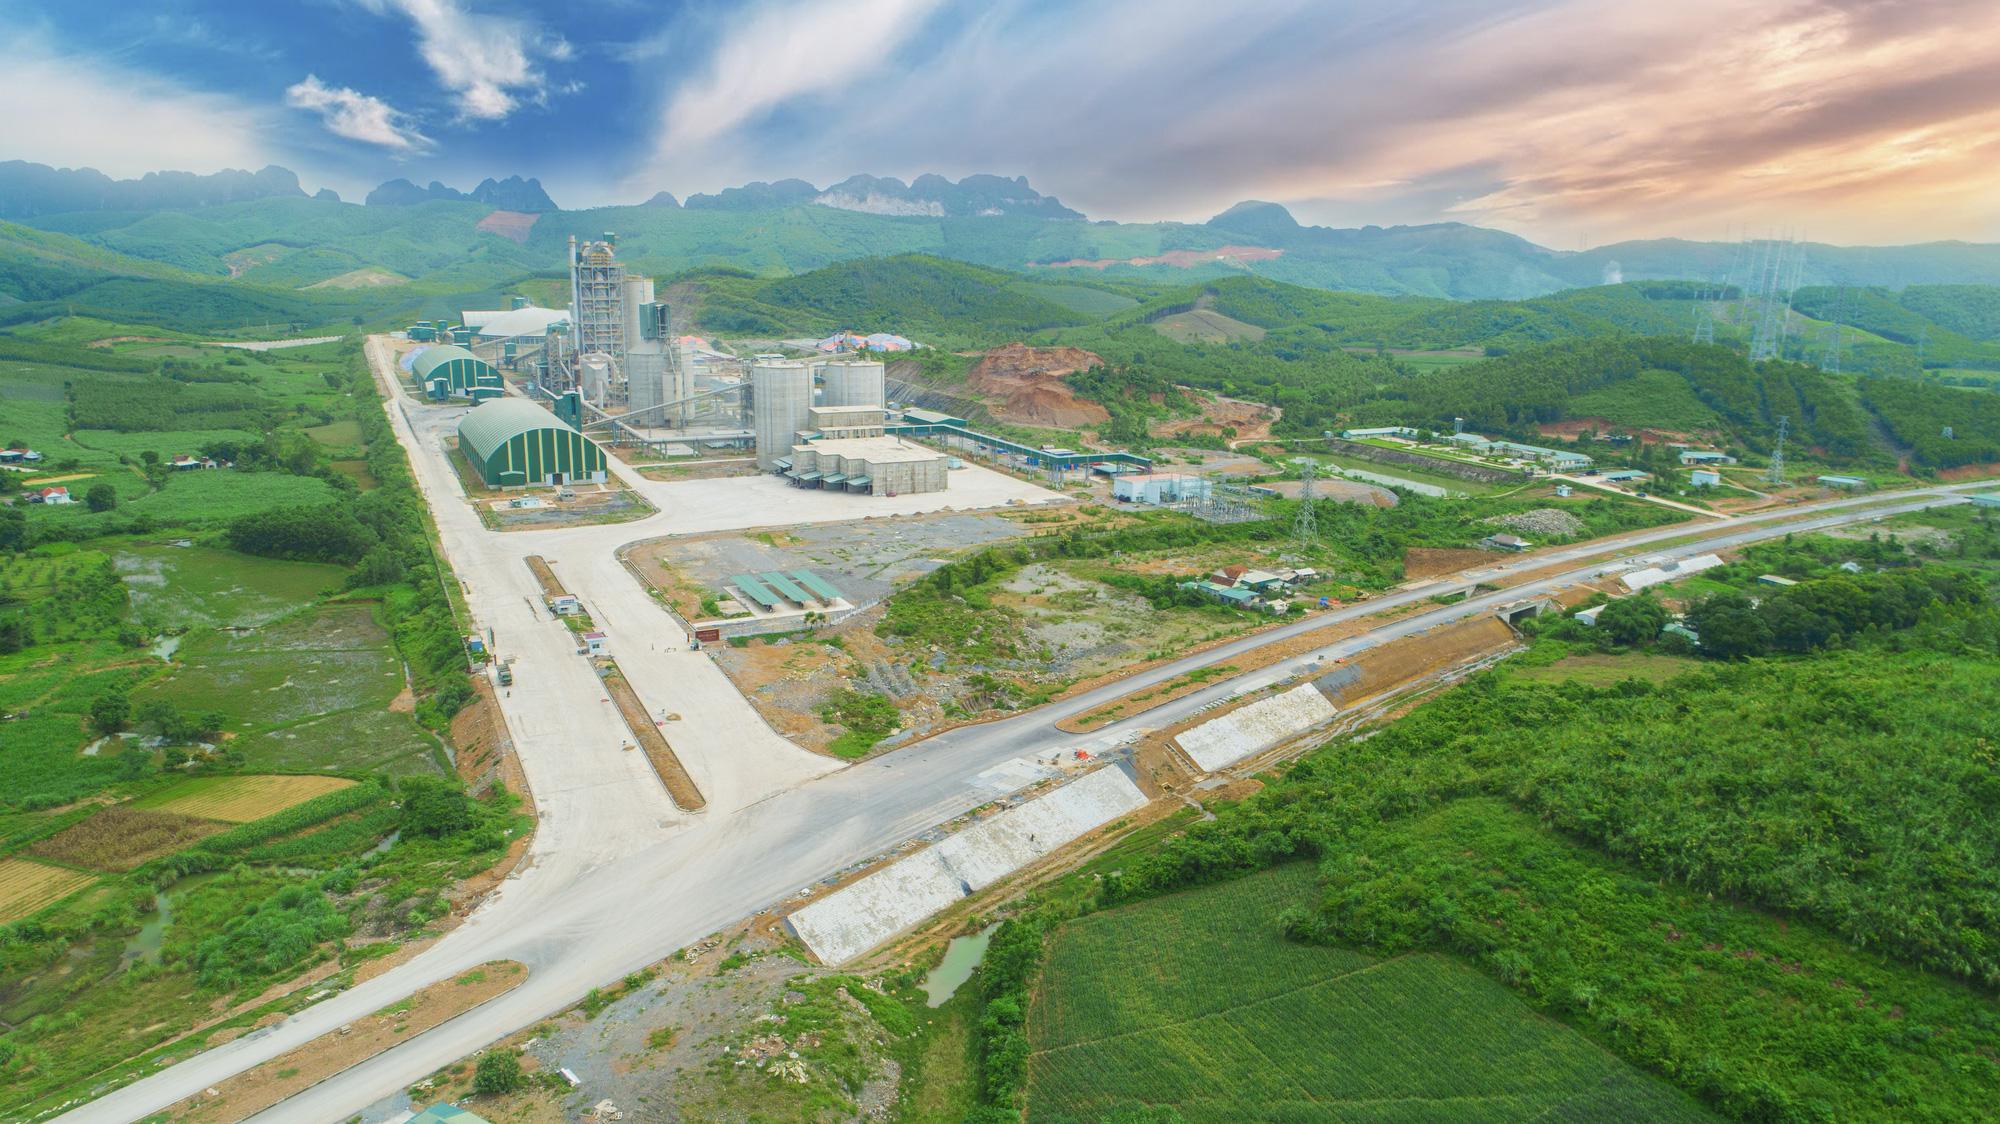 Khám phá công nghệ sản xuất xanh hiện đại bậc nhất của xi măng Tân Thắng - Ảnh 10.